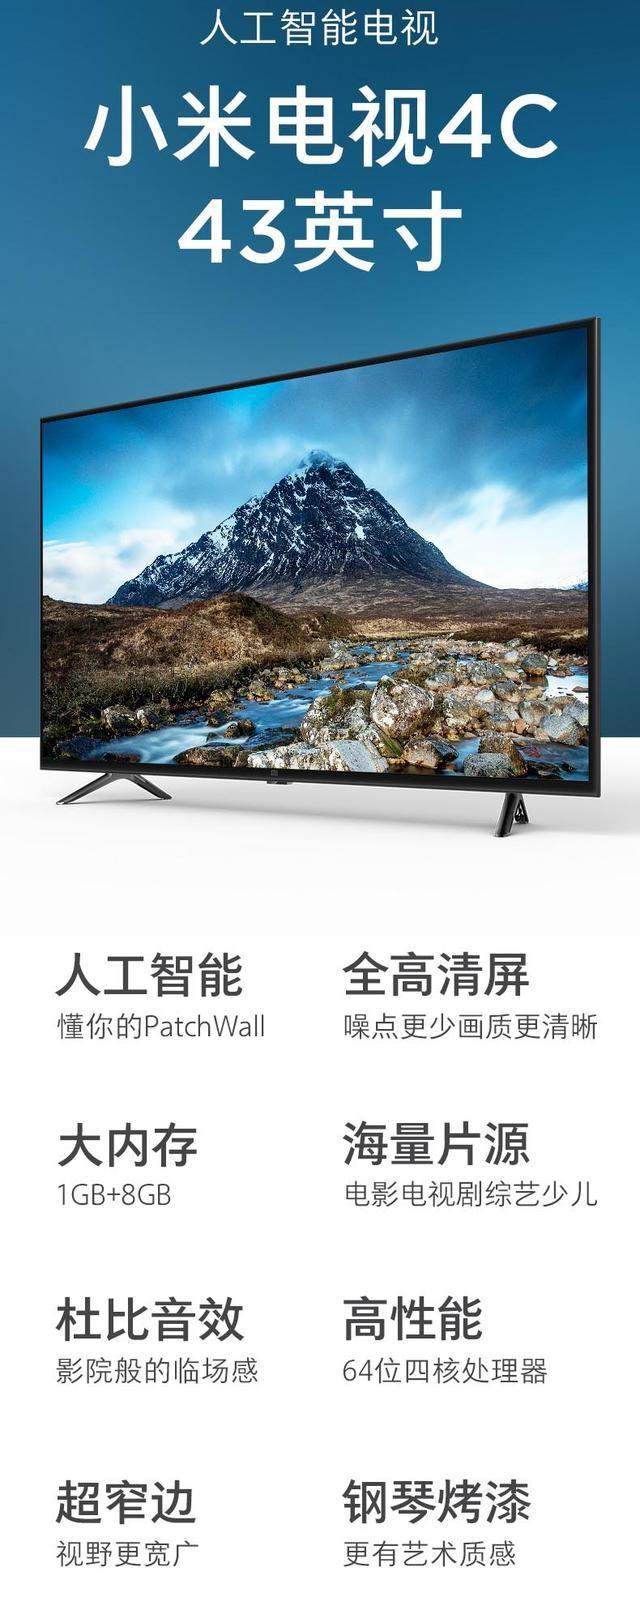 小米电视发布的新品4C怎么样?有什么亮点?_沙